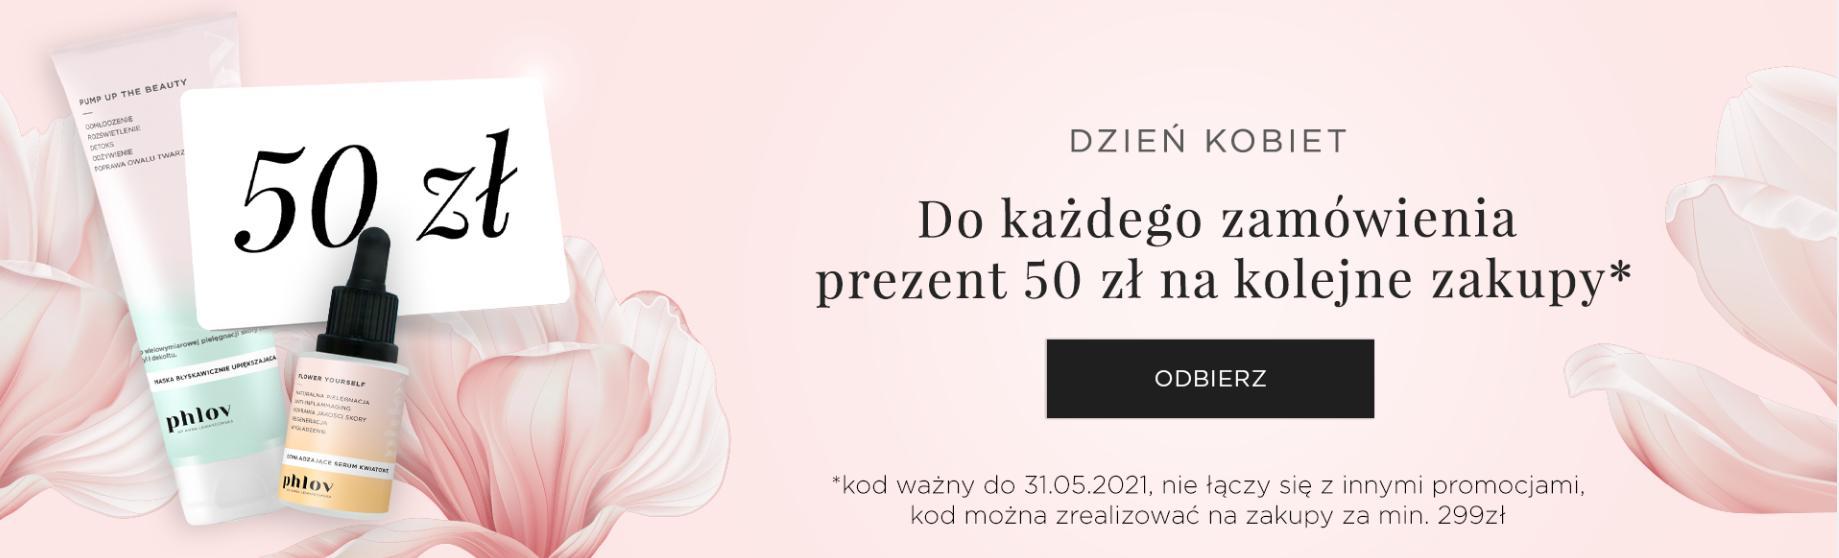 PHLOV by Anna Lewandowska: 50 zł rabatu na kolejne zakupy w prezencie na Dzień Kobiet